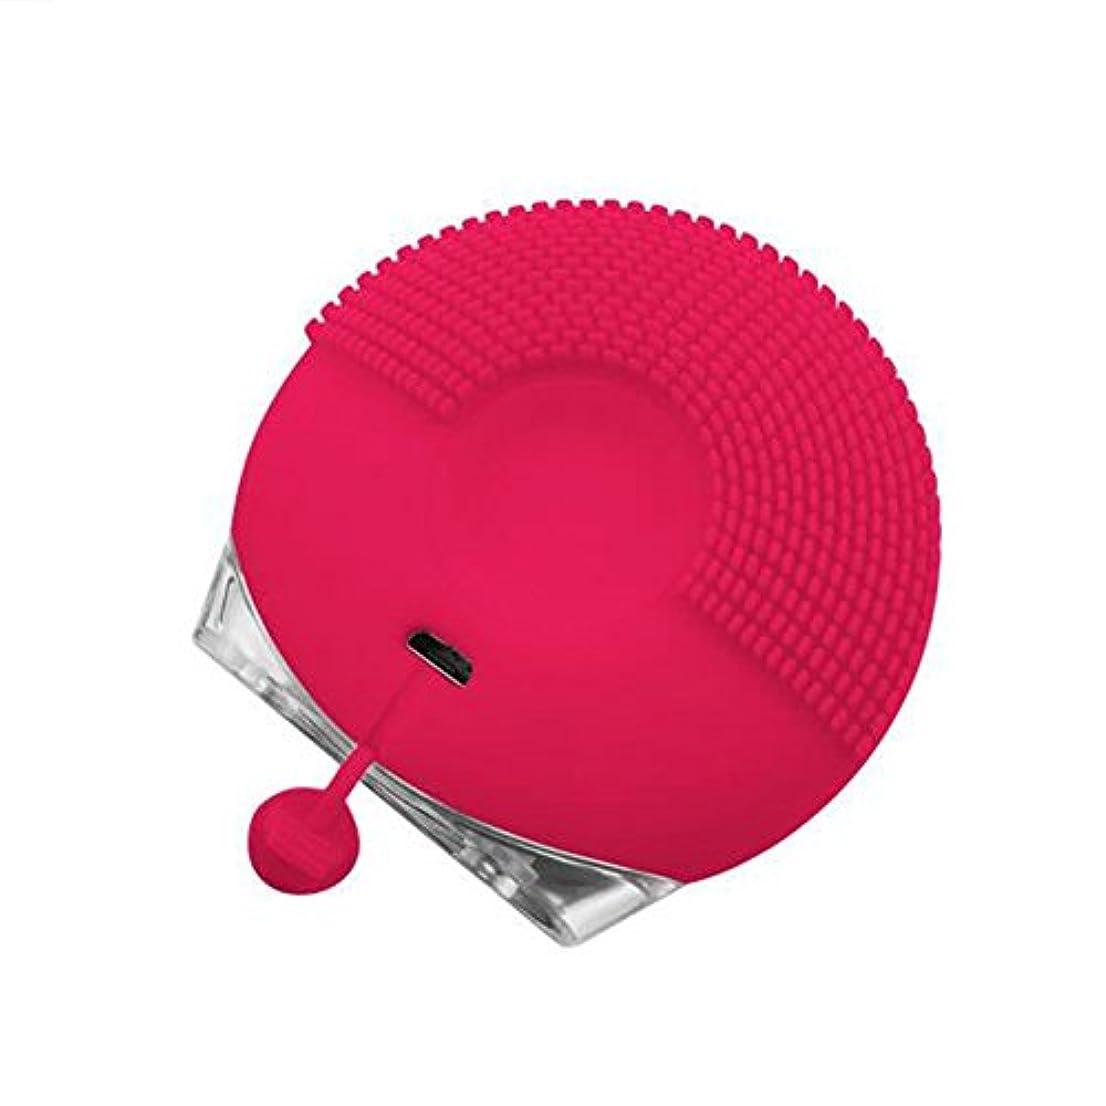 ルーフ良さ抑圧フェイシャルクレンジングブラシシリカゲル超音波3ファイル調整可能な電気USBポータブルマッサージブラシ,赤